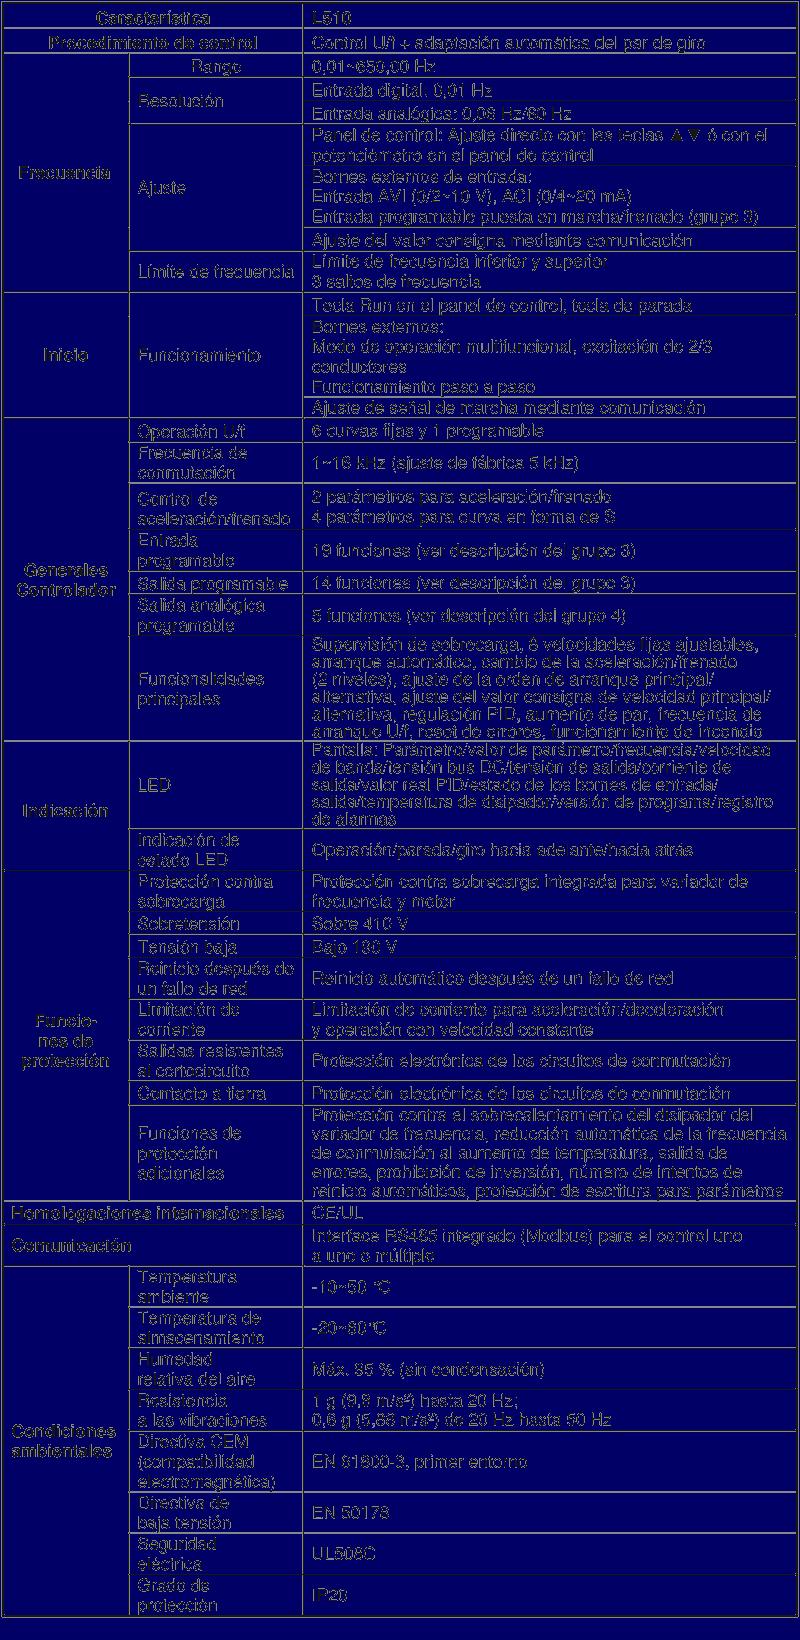 Variador de Frecuencia Monofasico 220V TECO L510-201-SH1F